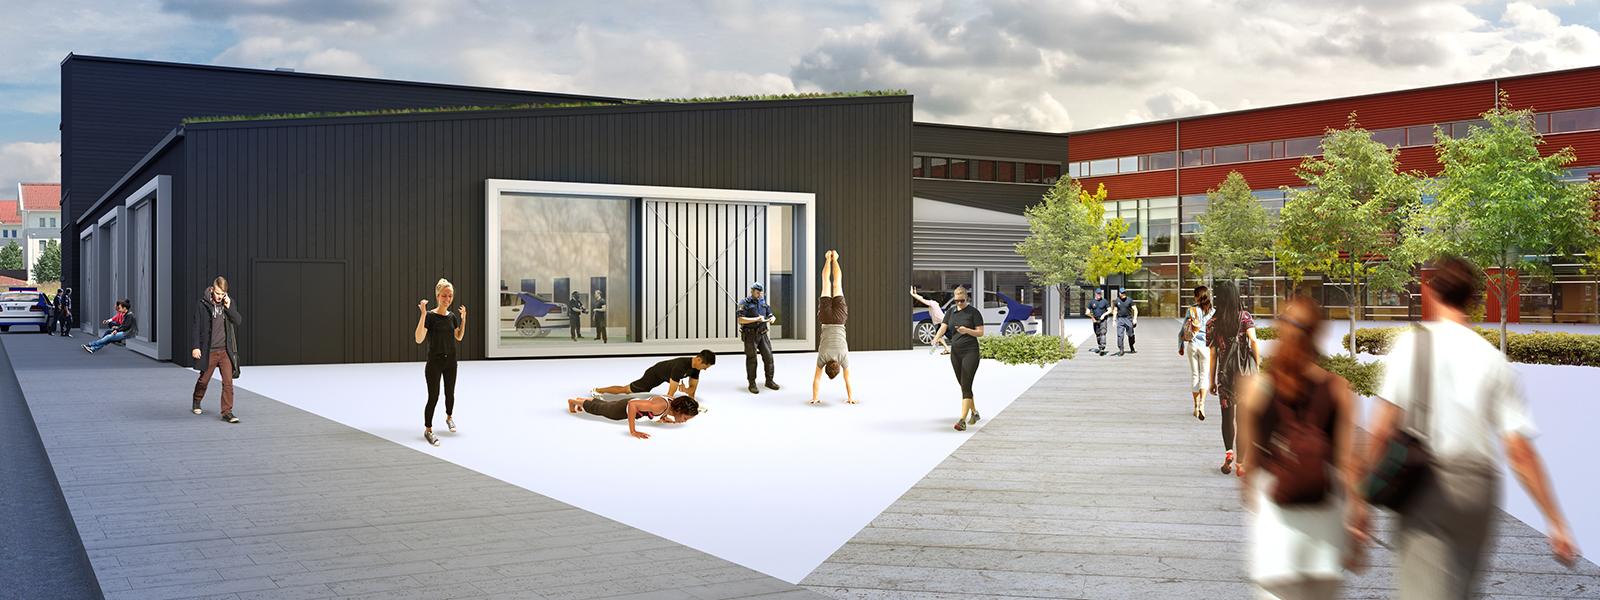 Utbyggnad av Polishögskolan vid Linnéuniversitetet i Växjö.